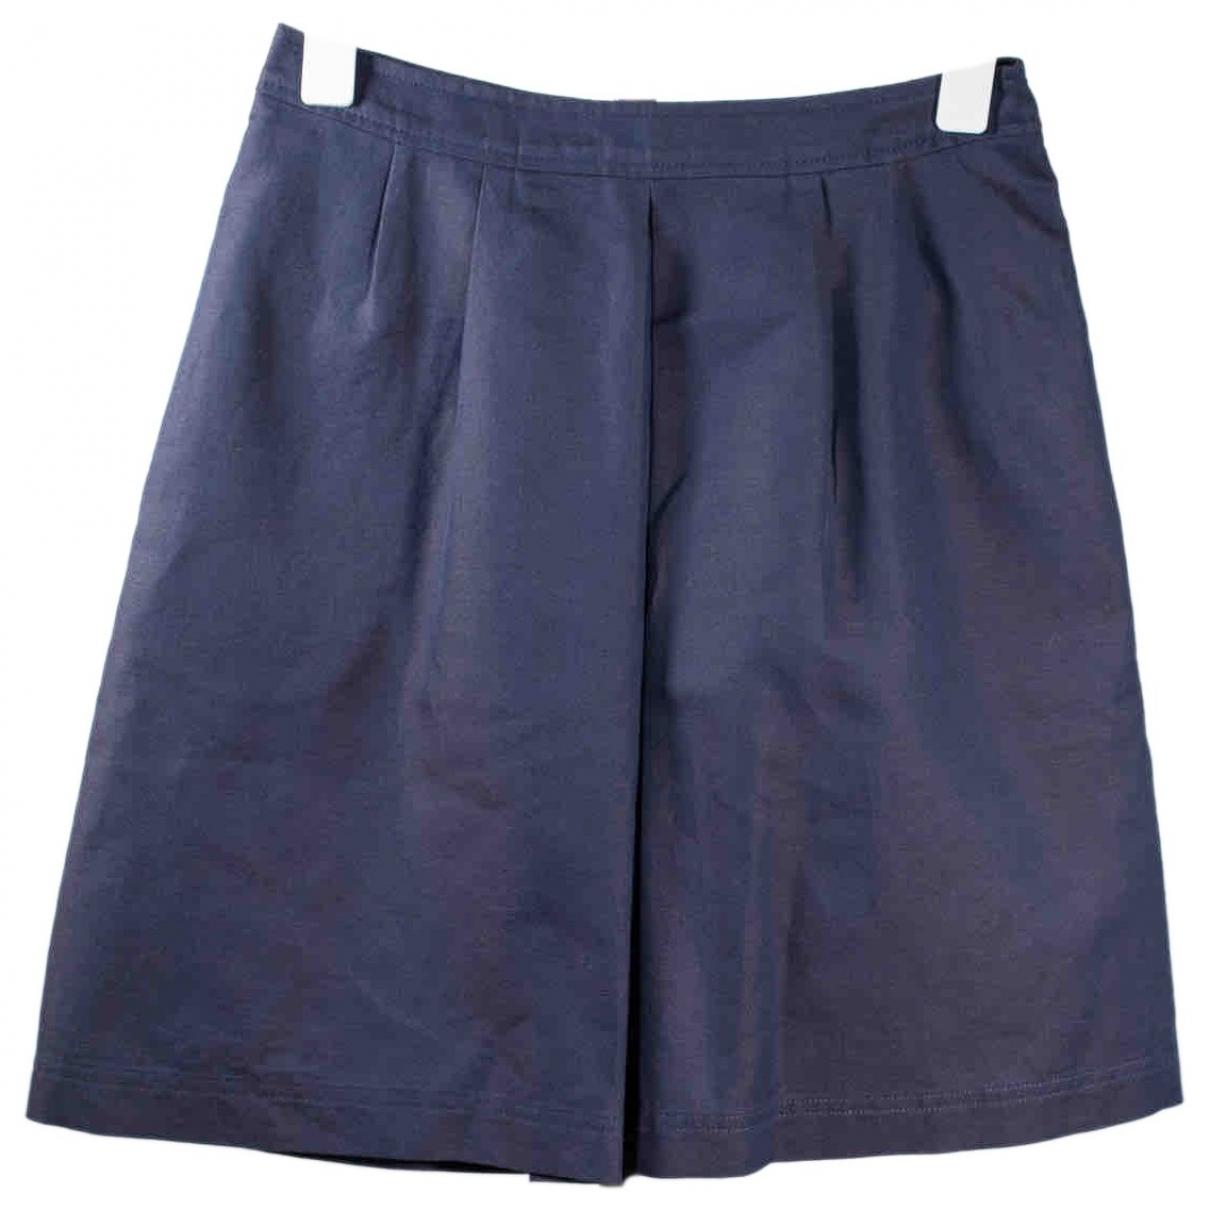 Apc \N Blue Cotton skirt for Women 34 FR